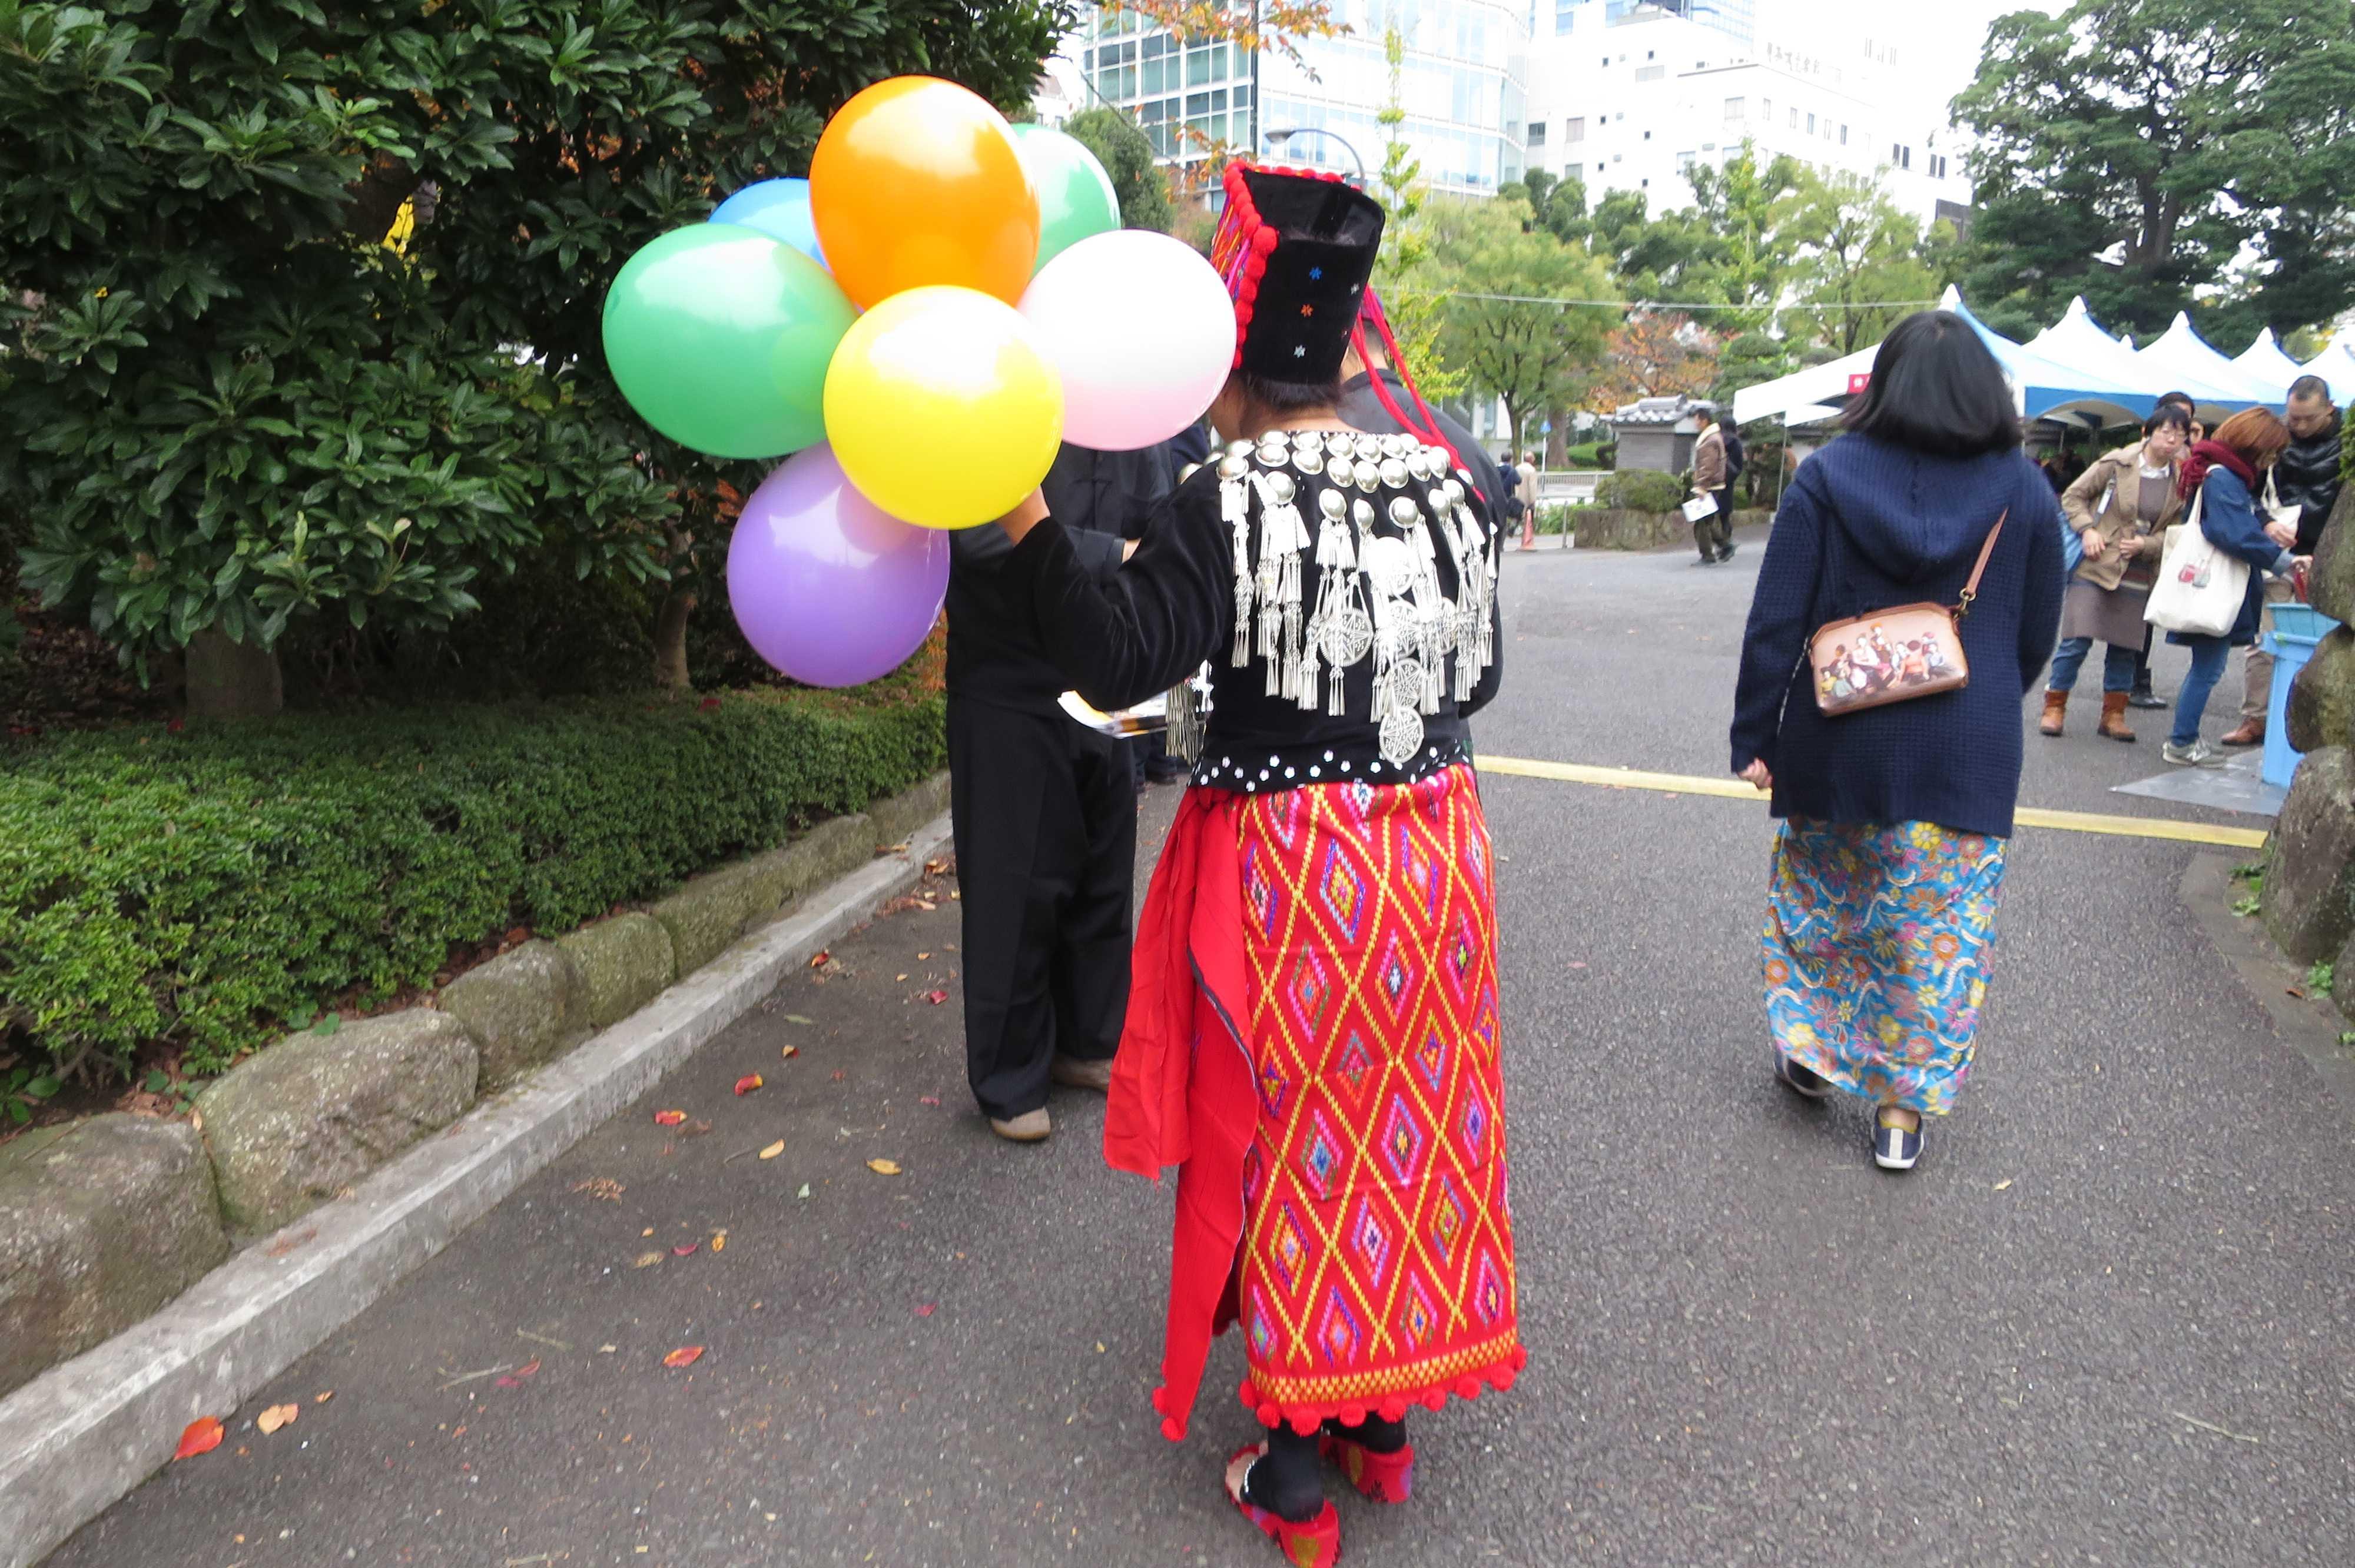 ミャンマーの民族衣装(少数民族の衣装?) - ミャンマー祭り2016